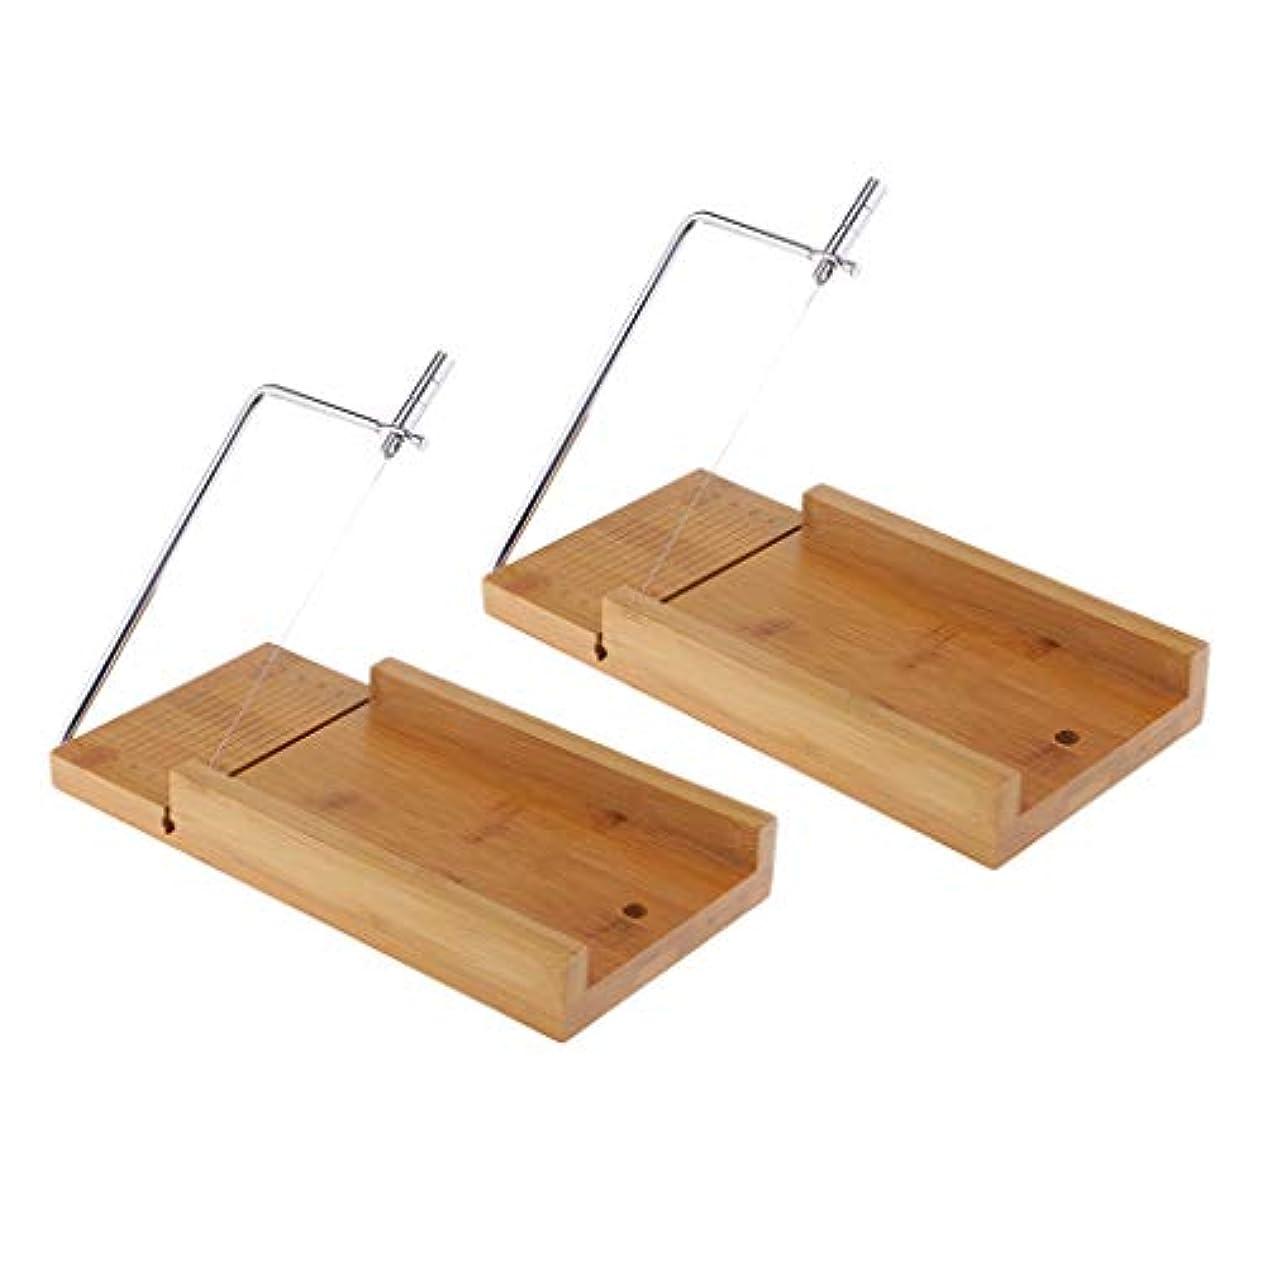 パラシュート使用法合体ソープカッター チーズナイフ ワイヤー せっけんカッター 台 木質 石鹸切削工具 2個入り